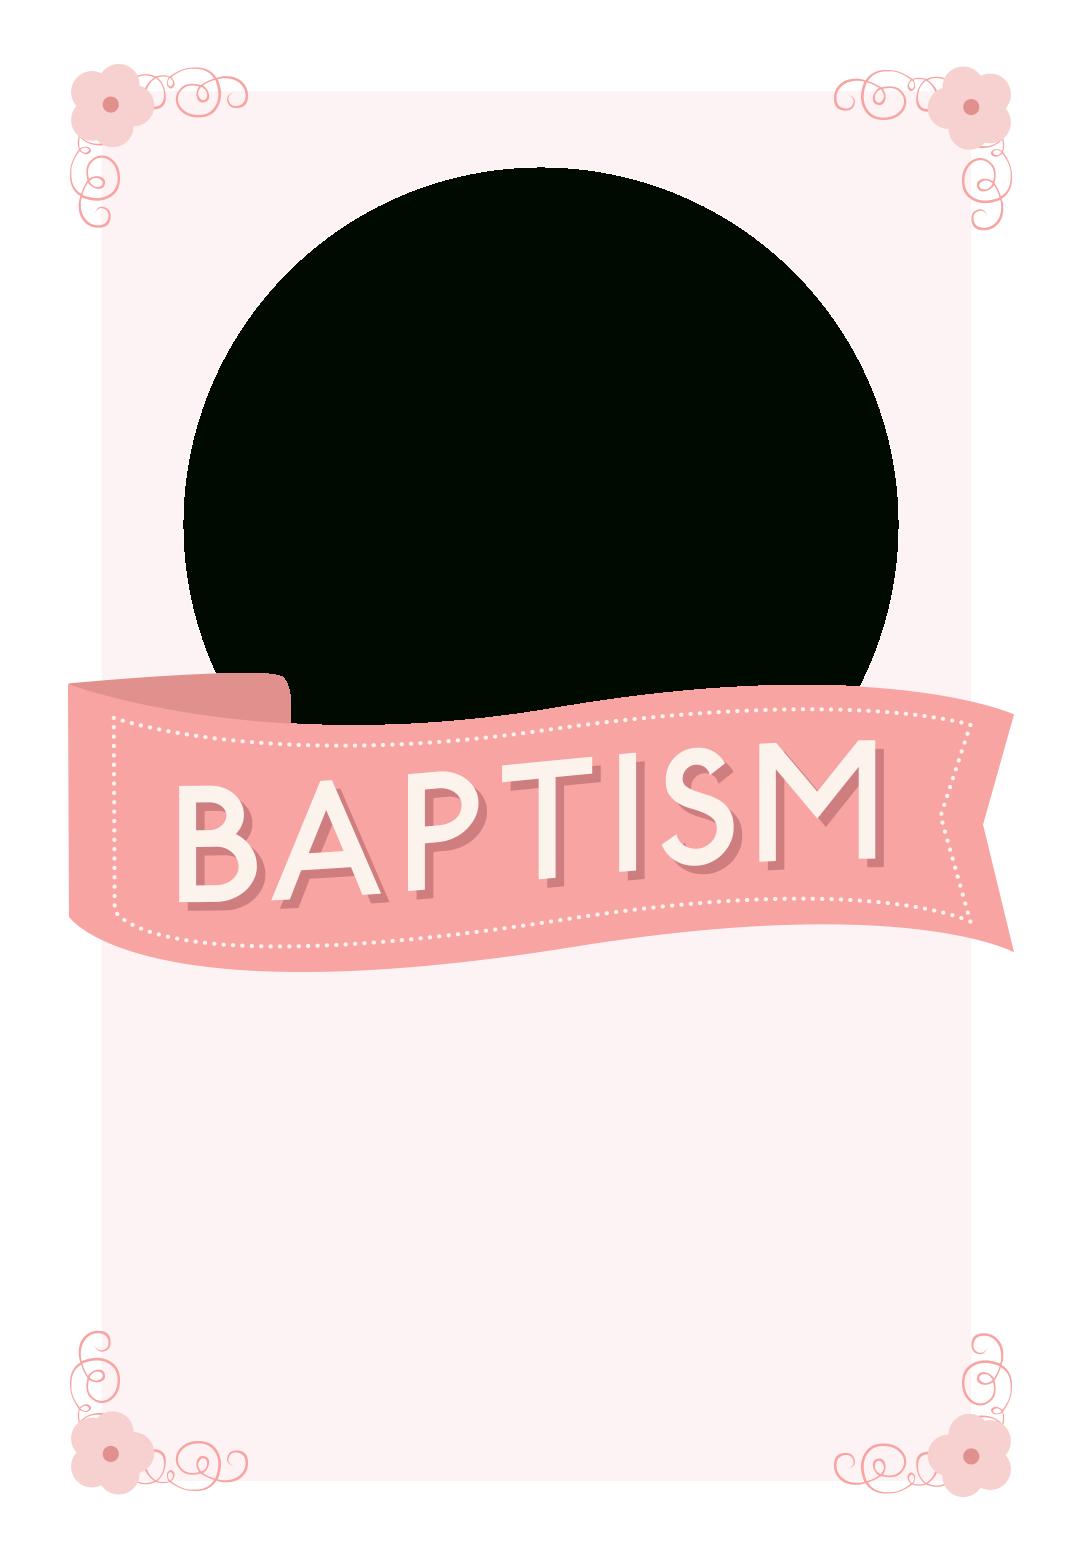 Pink Ribbon - Free Printable Baptism & Christening Invitation - Free Printable Baptism Greeting Cards